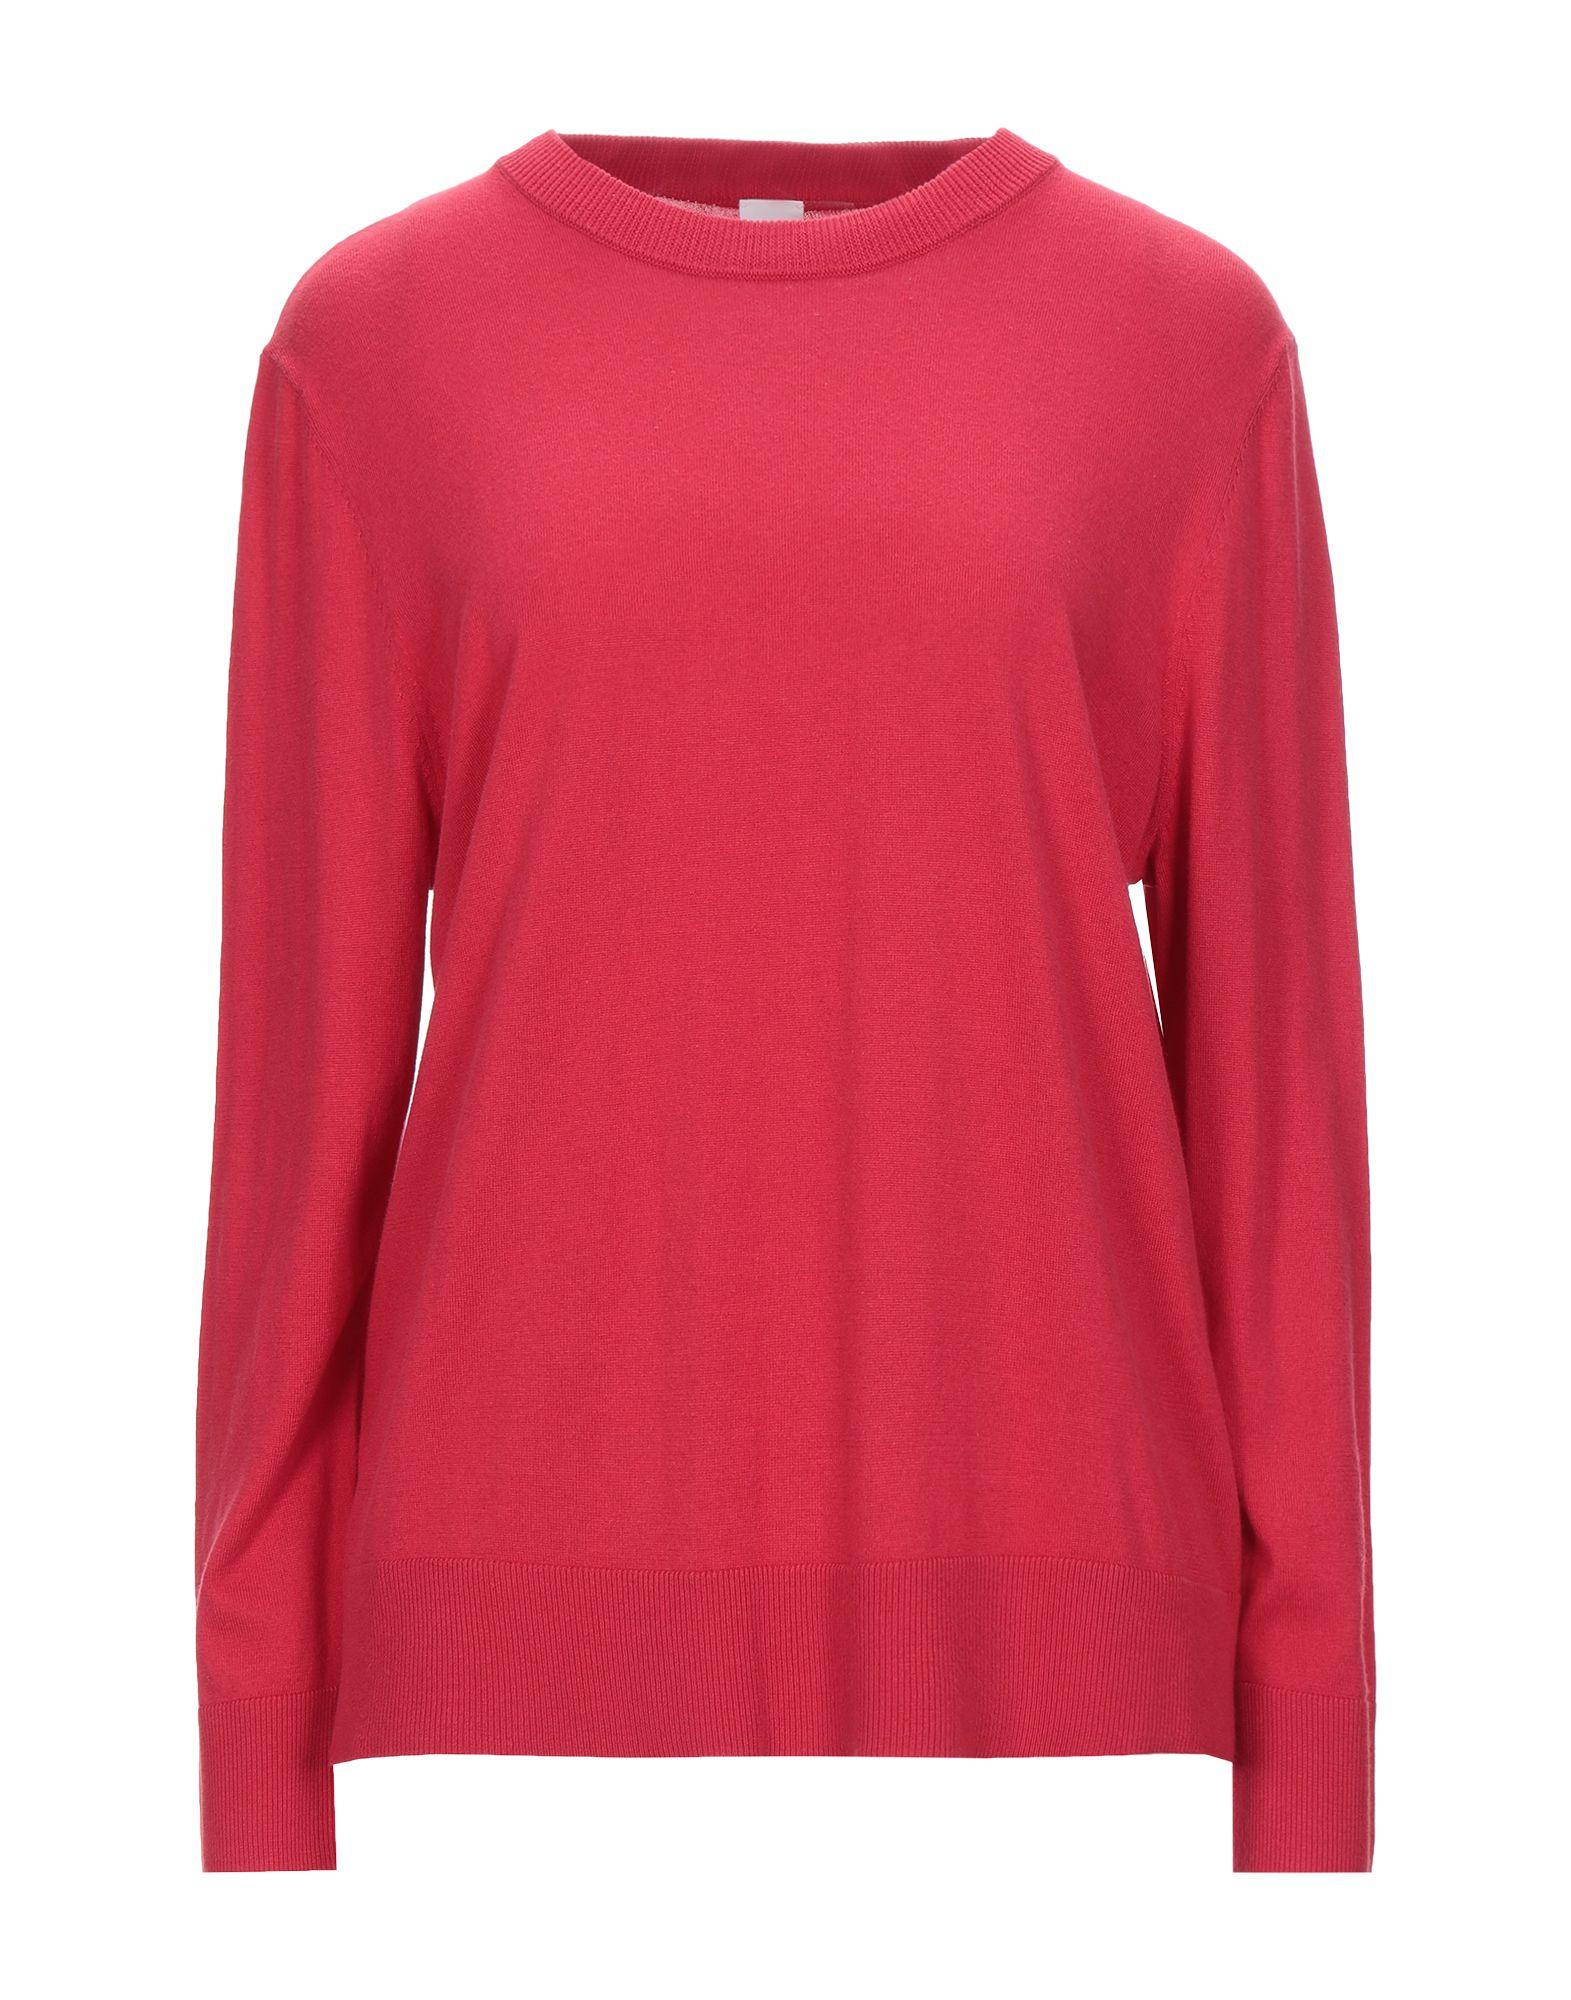 BOSS HUGO BOSS Sweaters - Item 14082051